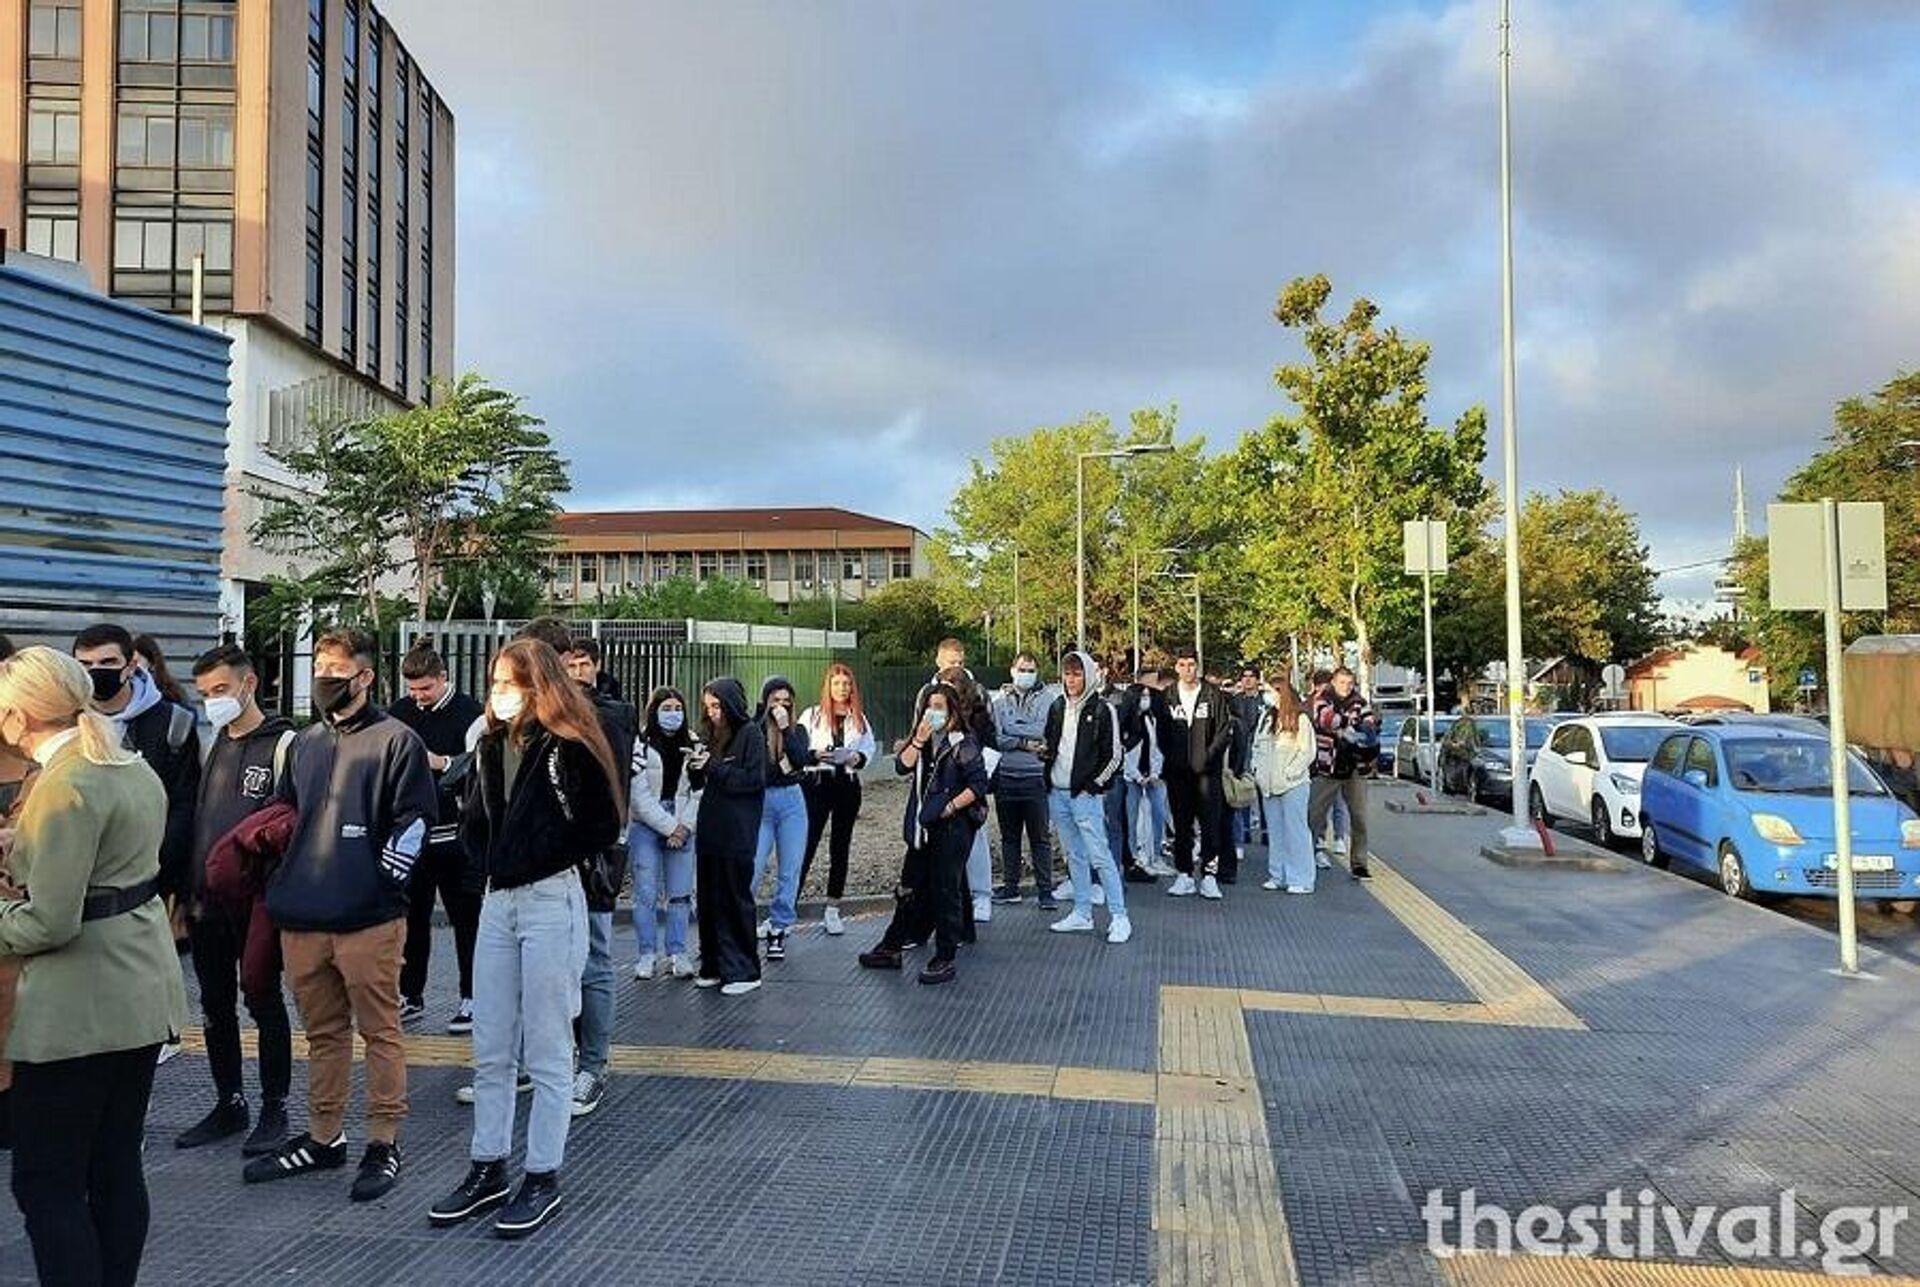 Θεσσαλονίκη: Ουρές σε ΑΠΘ και ΠΑΜΑΚ για την επιστροφή φοιτητών - Sputnik Ελλάδα, 1920, 11.10.2021